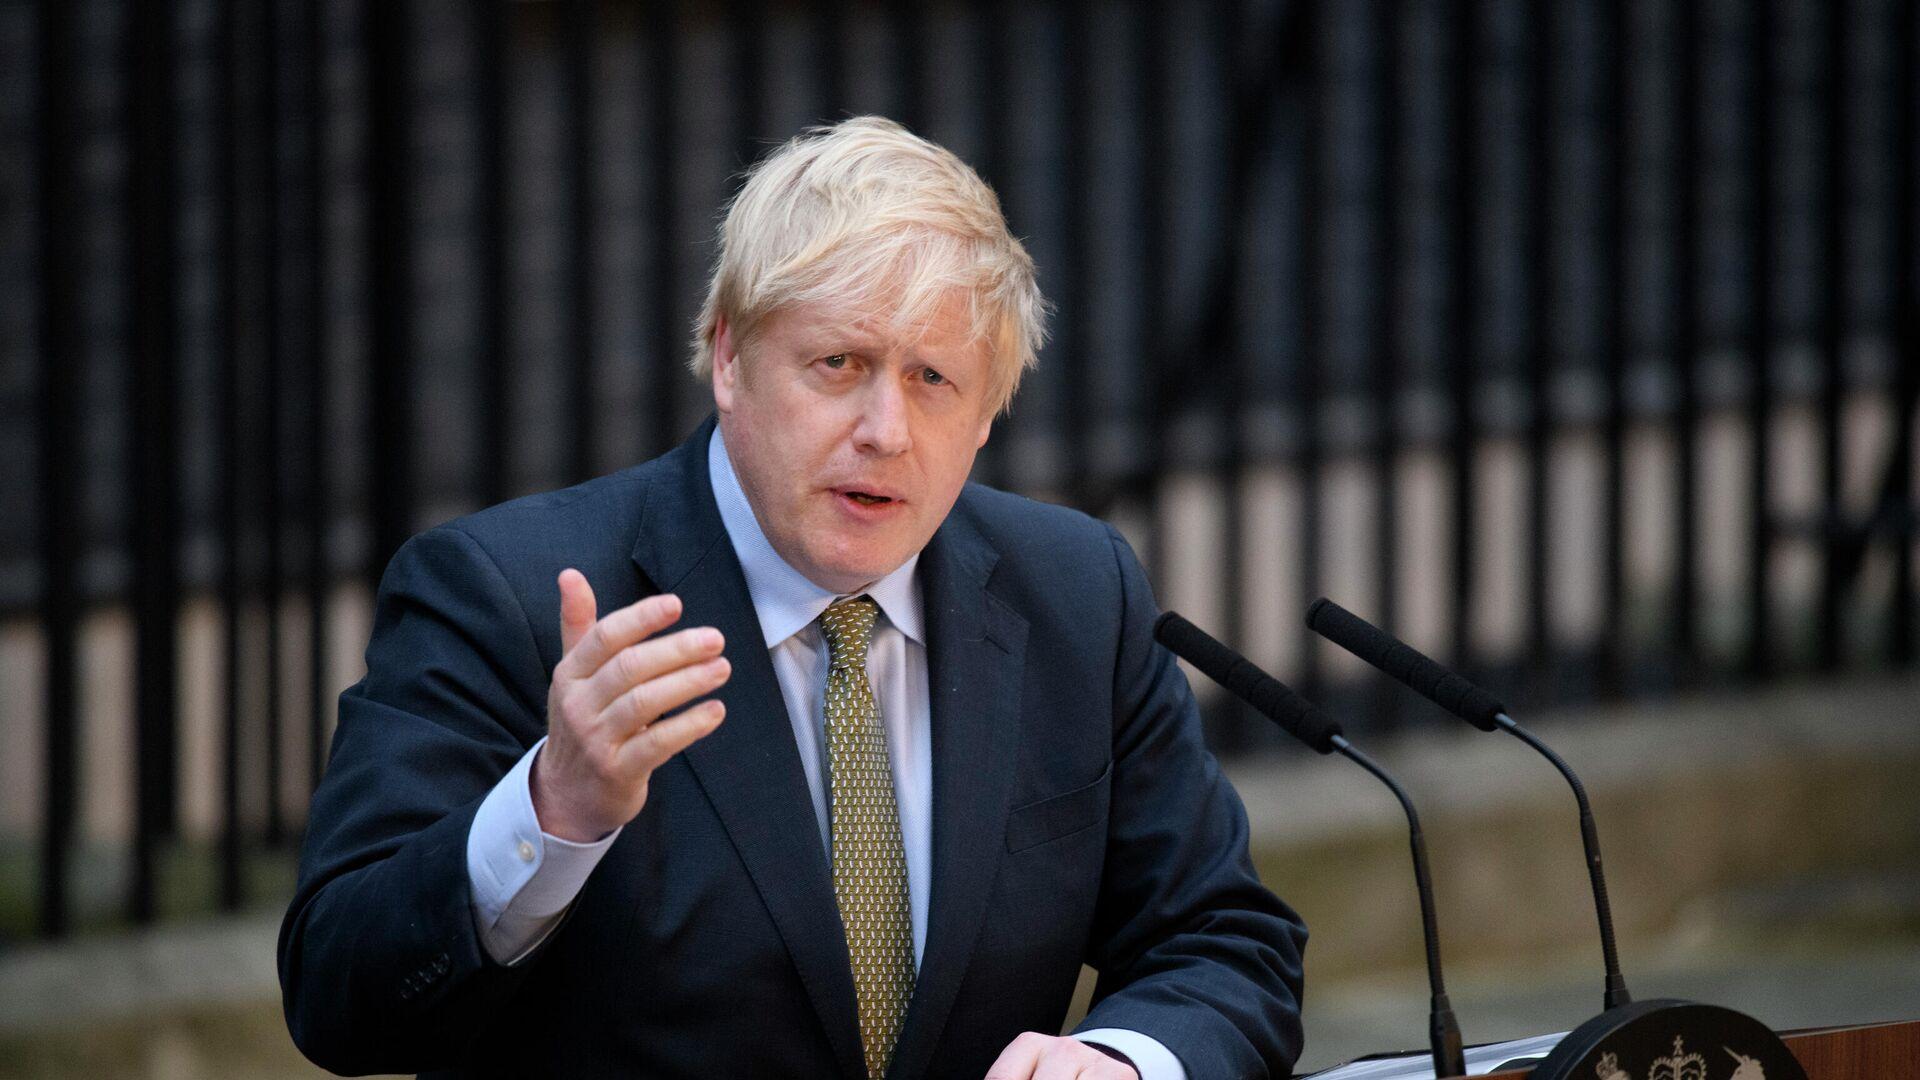 Премьер-министр Борис Джонсон выступает на Даунинг-стрит в Лондоне - РИА Новости, 1920, 21.12.2020